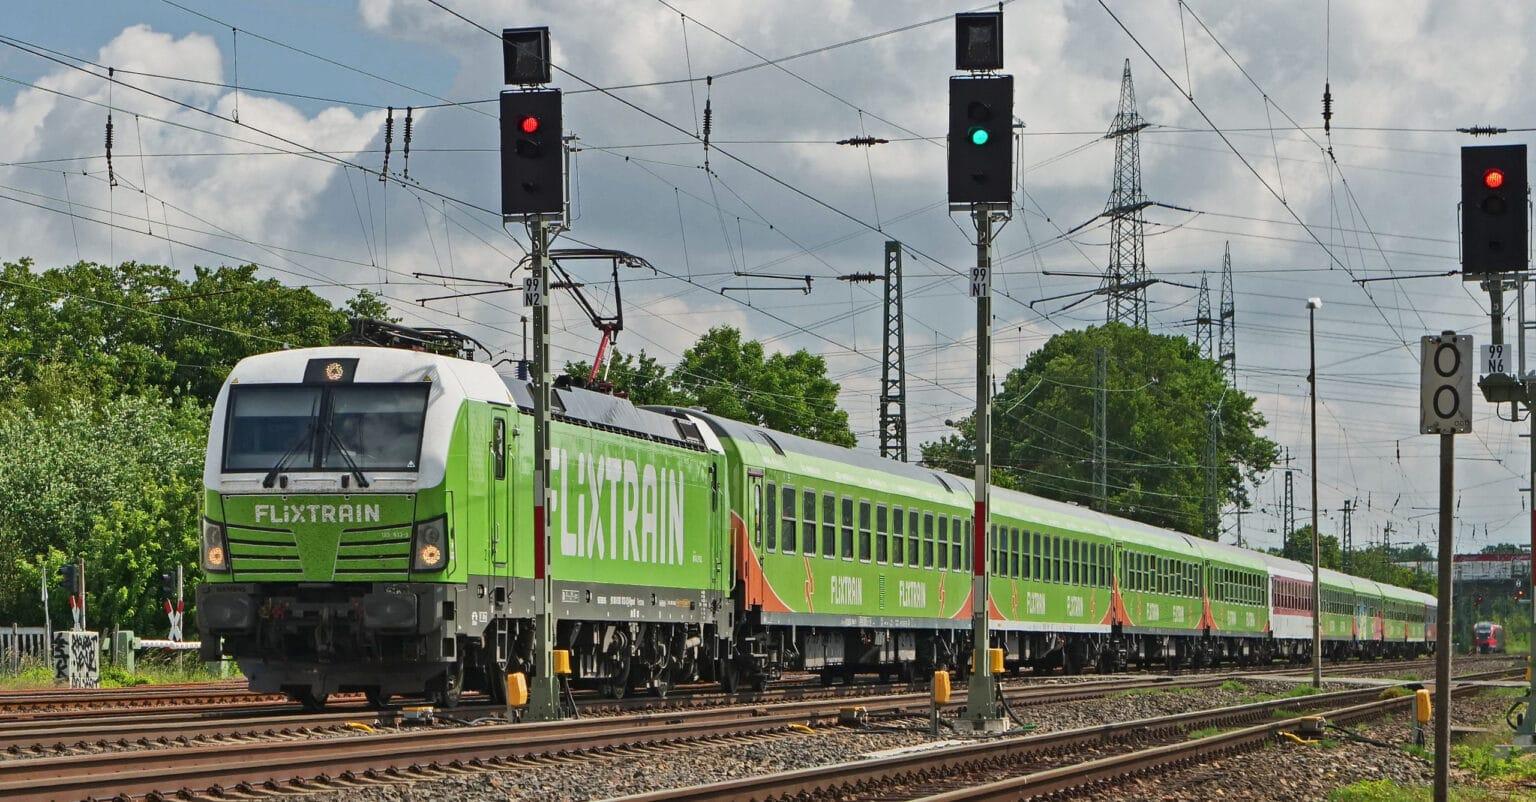 Tren de Flixtrain circulando por Alemania